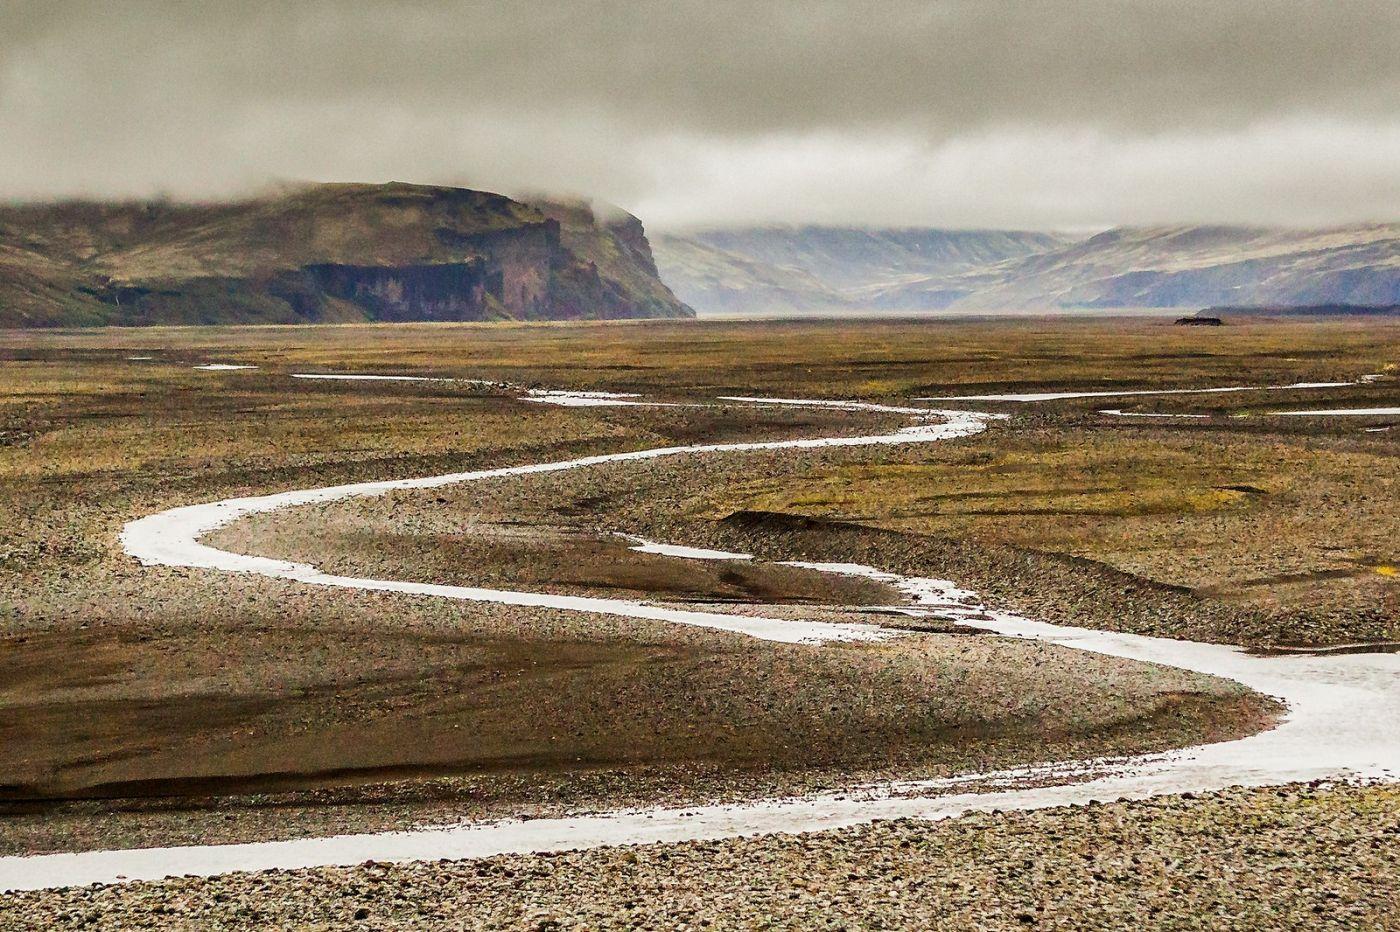 冰岛风采,那一片水景_图1-27